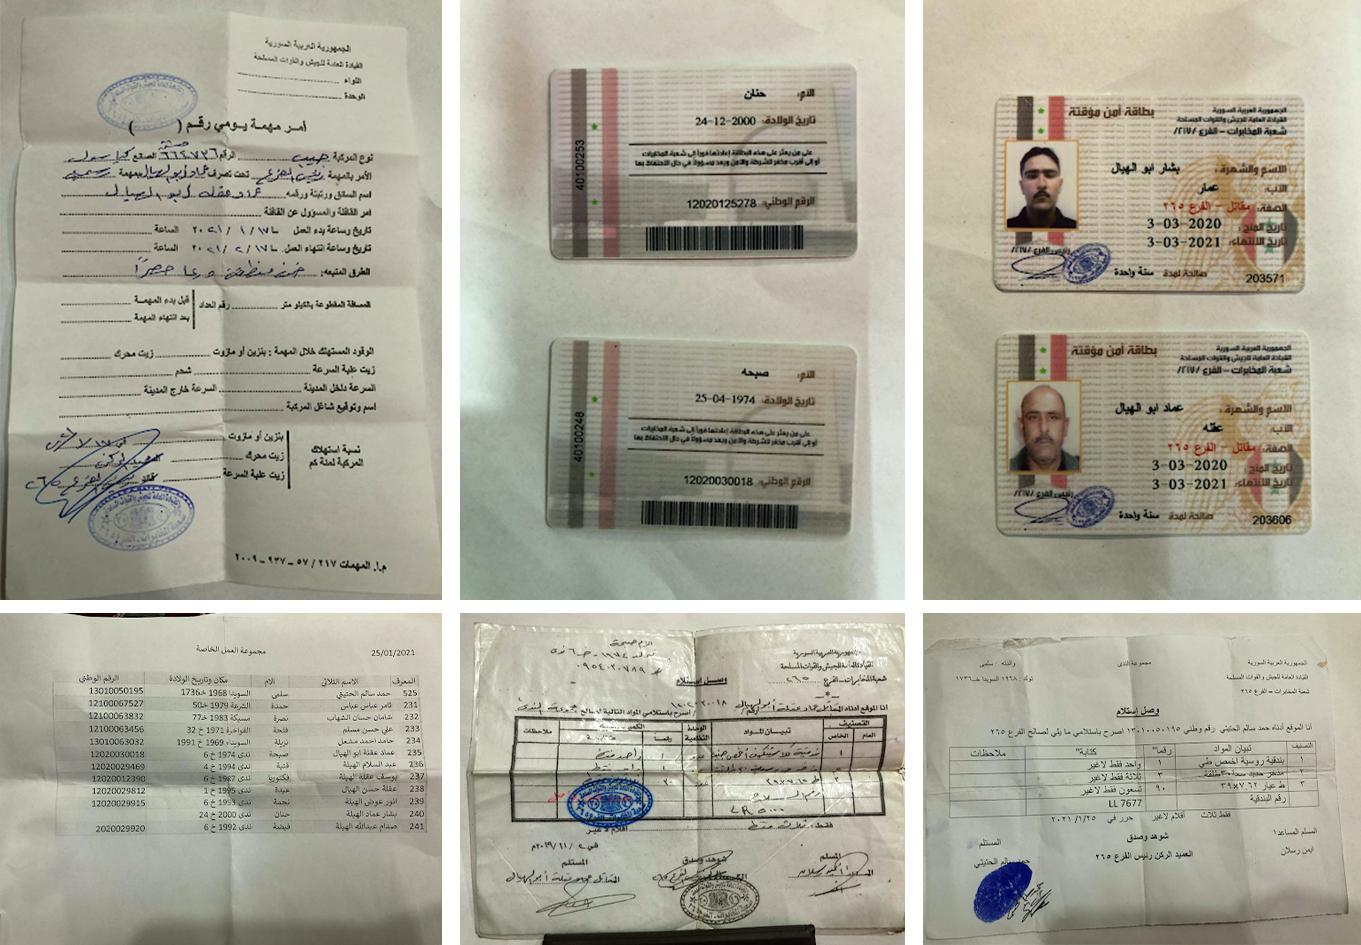 وثائق تعود للمجموعة المنتمية للمخابرات العسكرية ضبطت خلال إحباط تهريبها للمخدرات